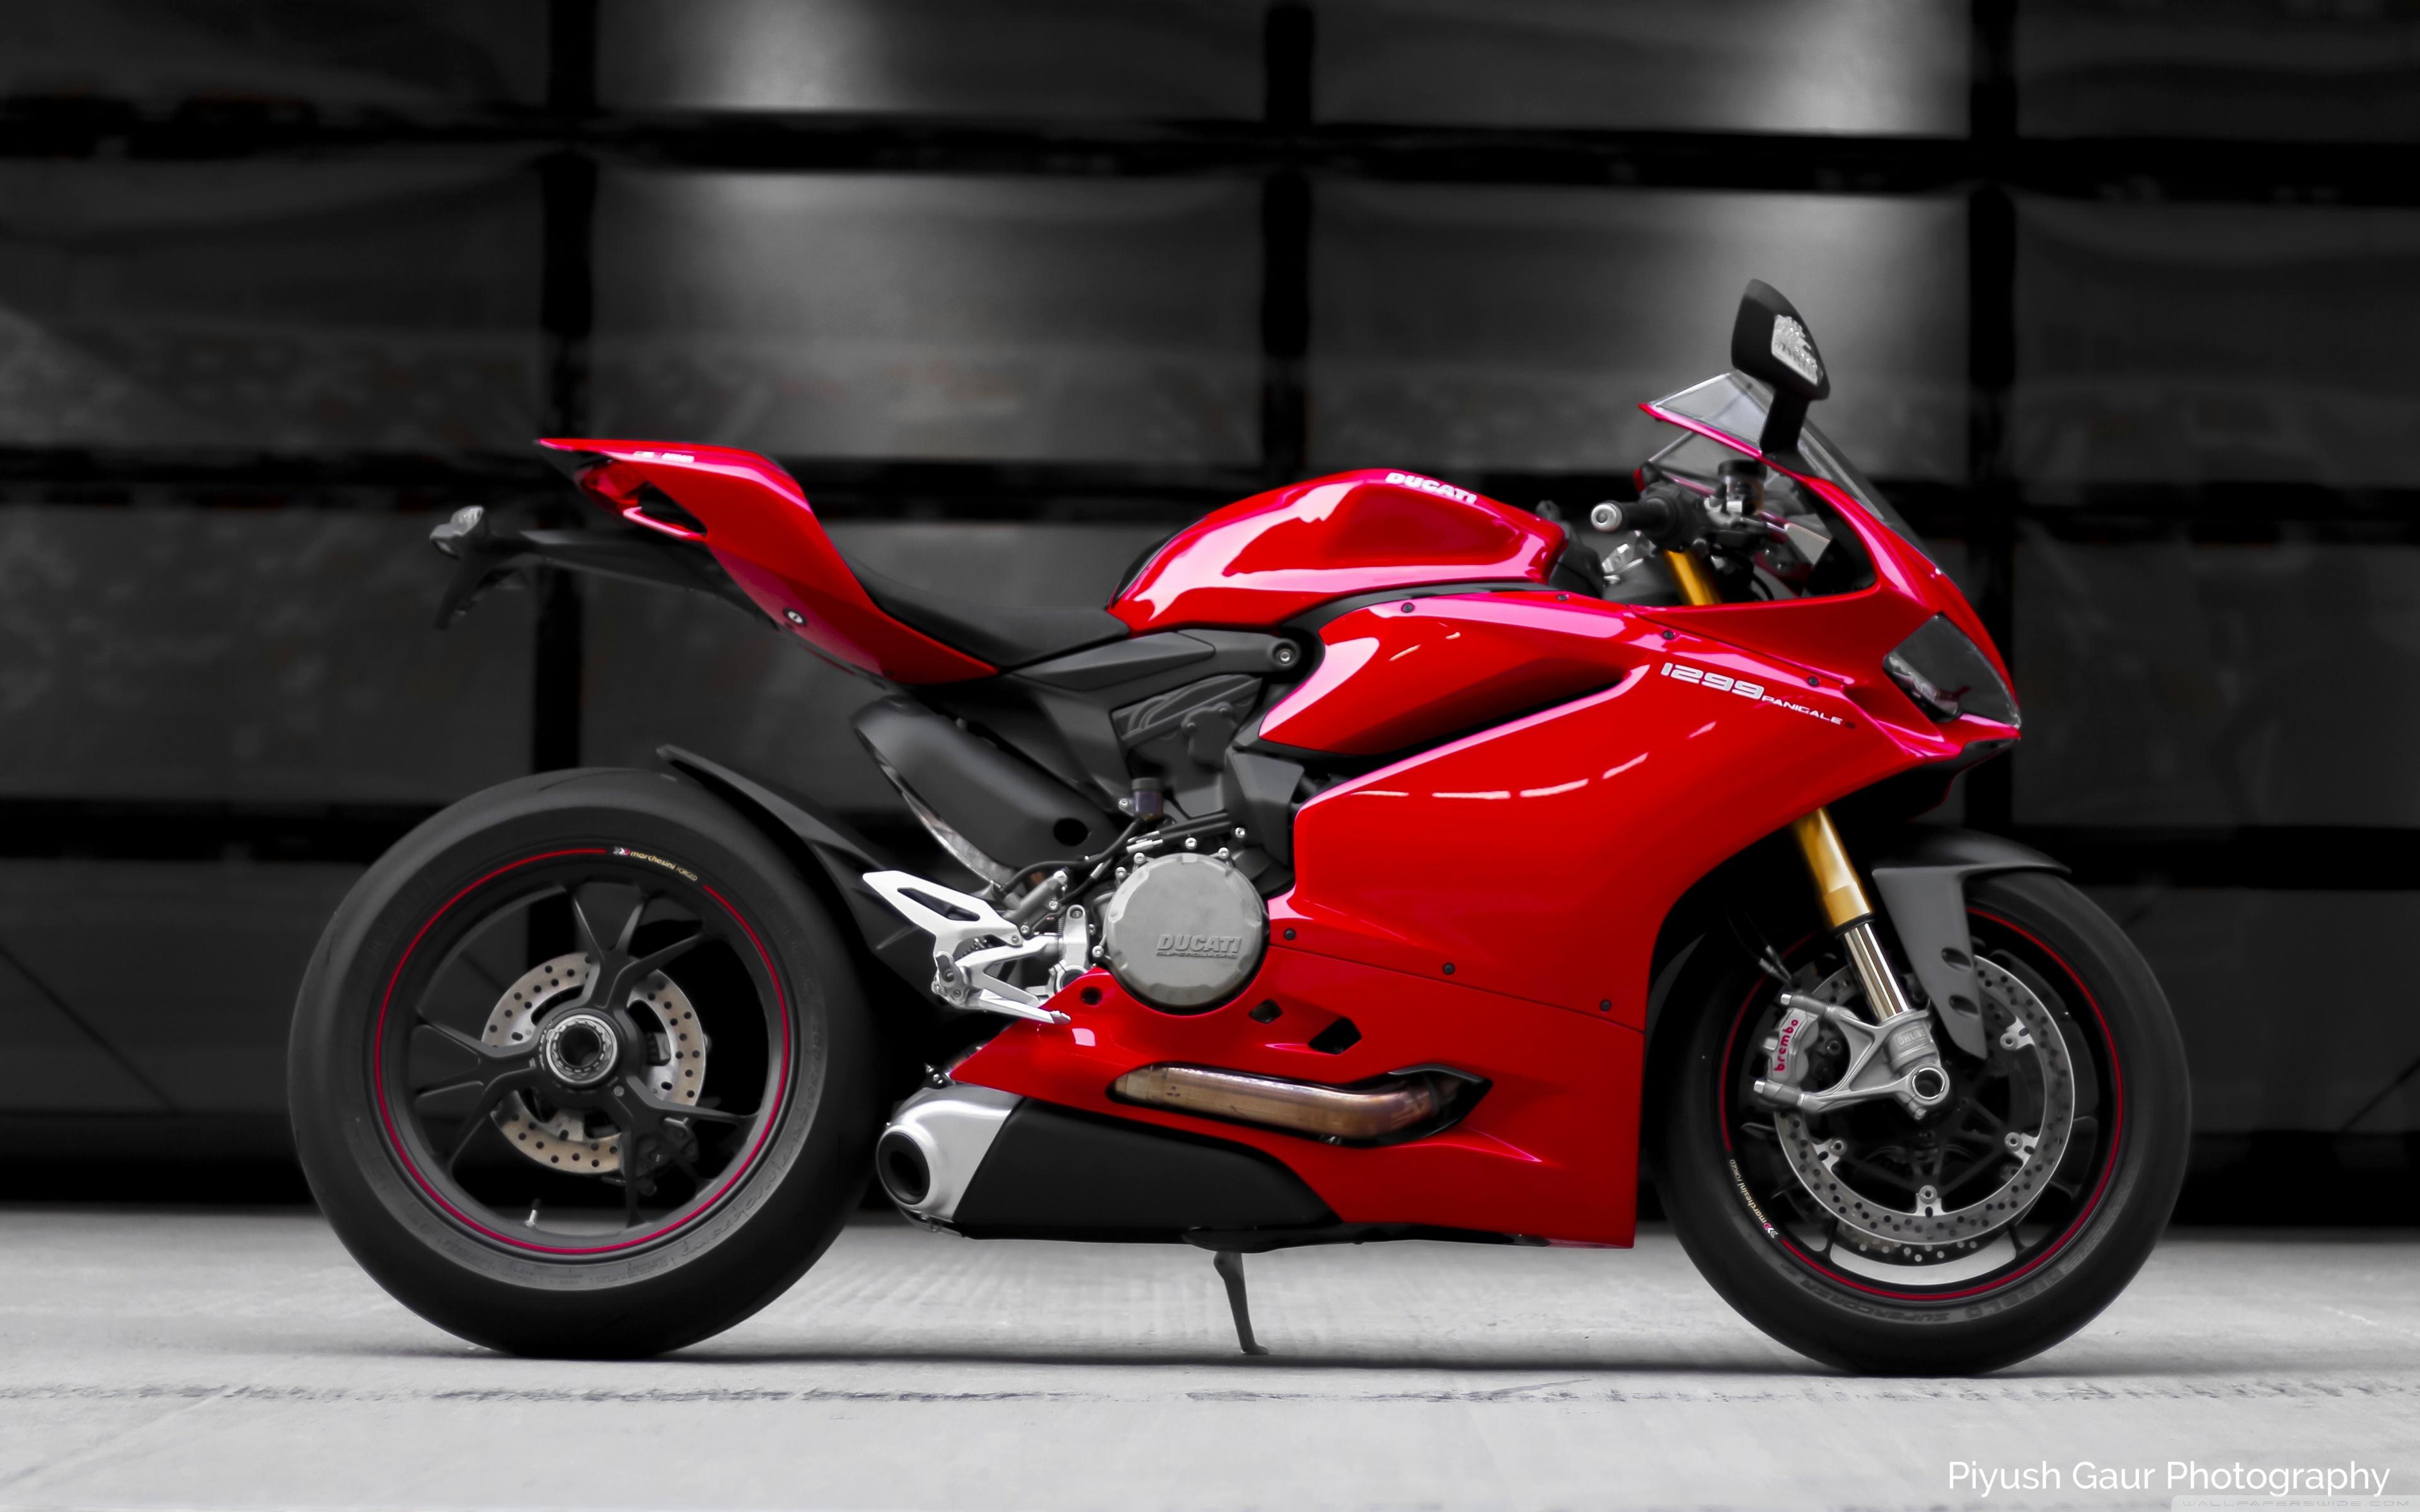 Ducati Panigale 1299S 4K HD Desktop Wallpaper for 4K Ultra HD 3840x2400